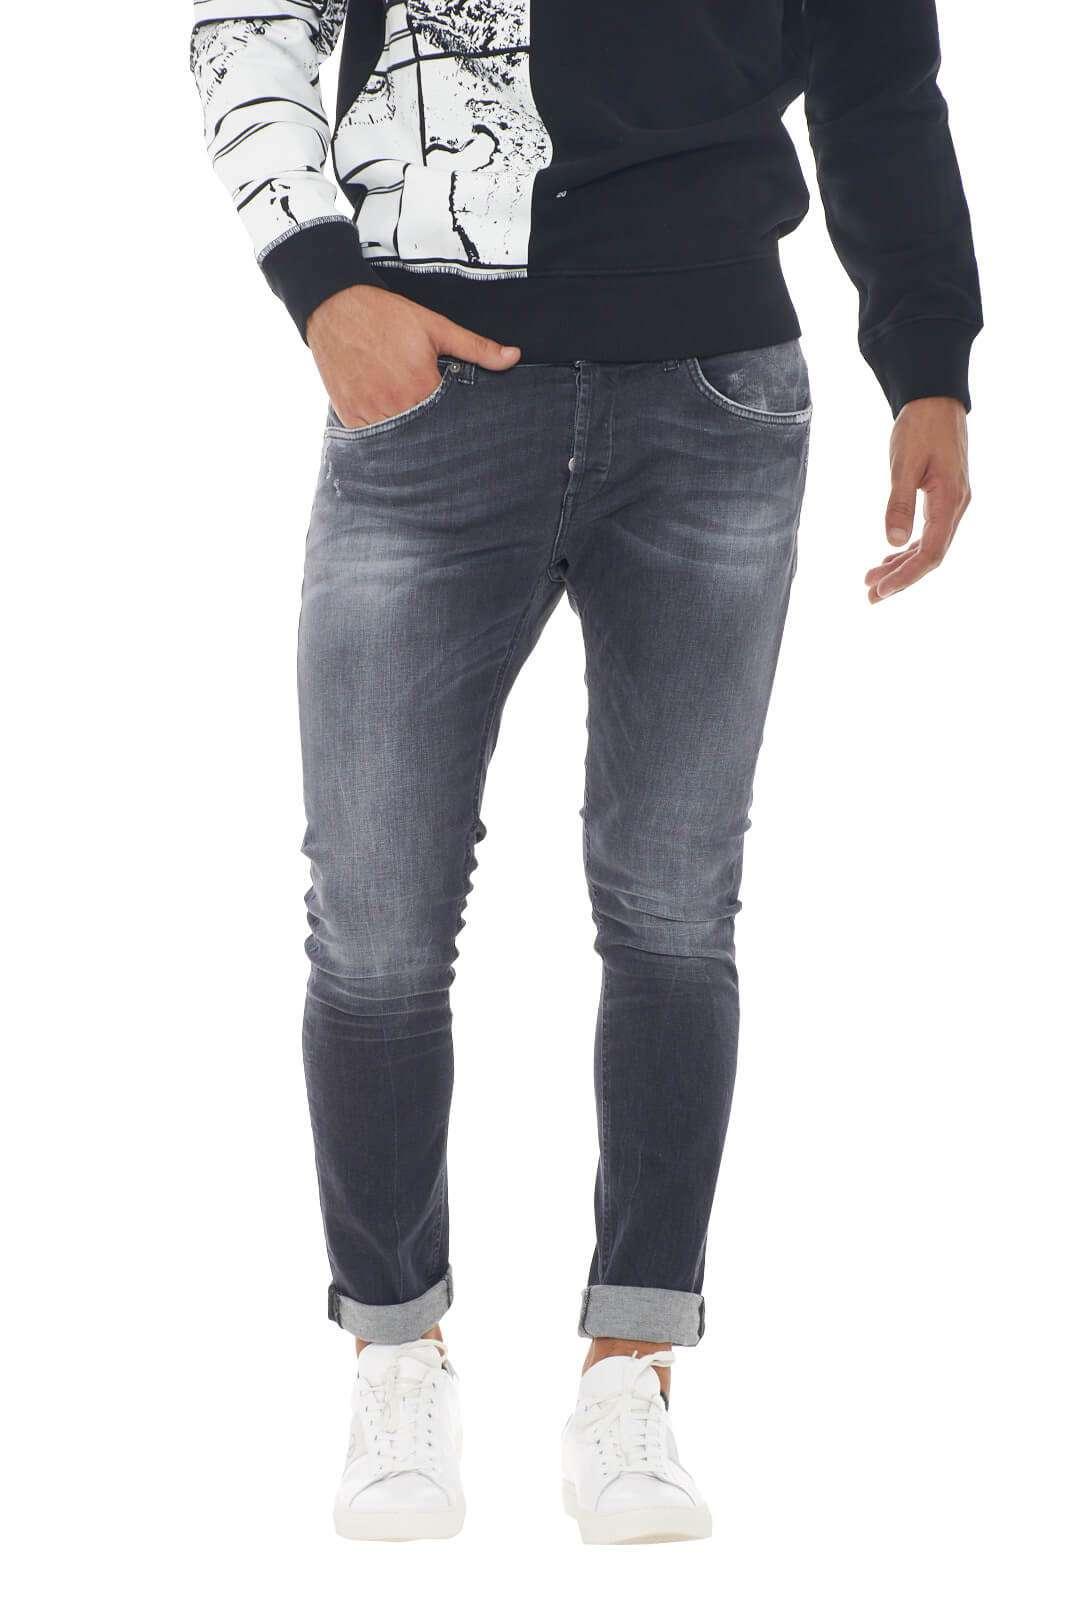 Lasciati conquistare dal nuovo jeans George firmato dalla collezione uomo Dondup.  Il lavaggio used si impone come caratteristica imprescindibile per un look casual chick.  Abbinalo ad ogni stile per rendere questo capo unico.